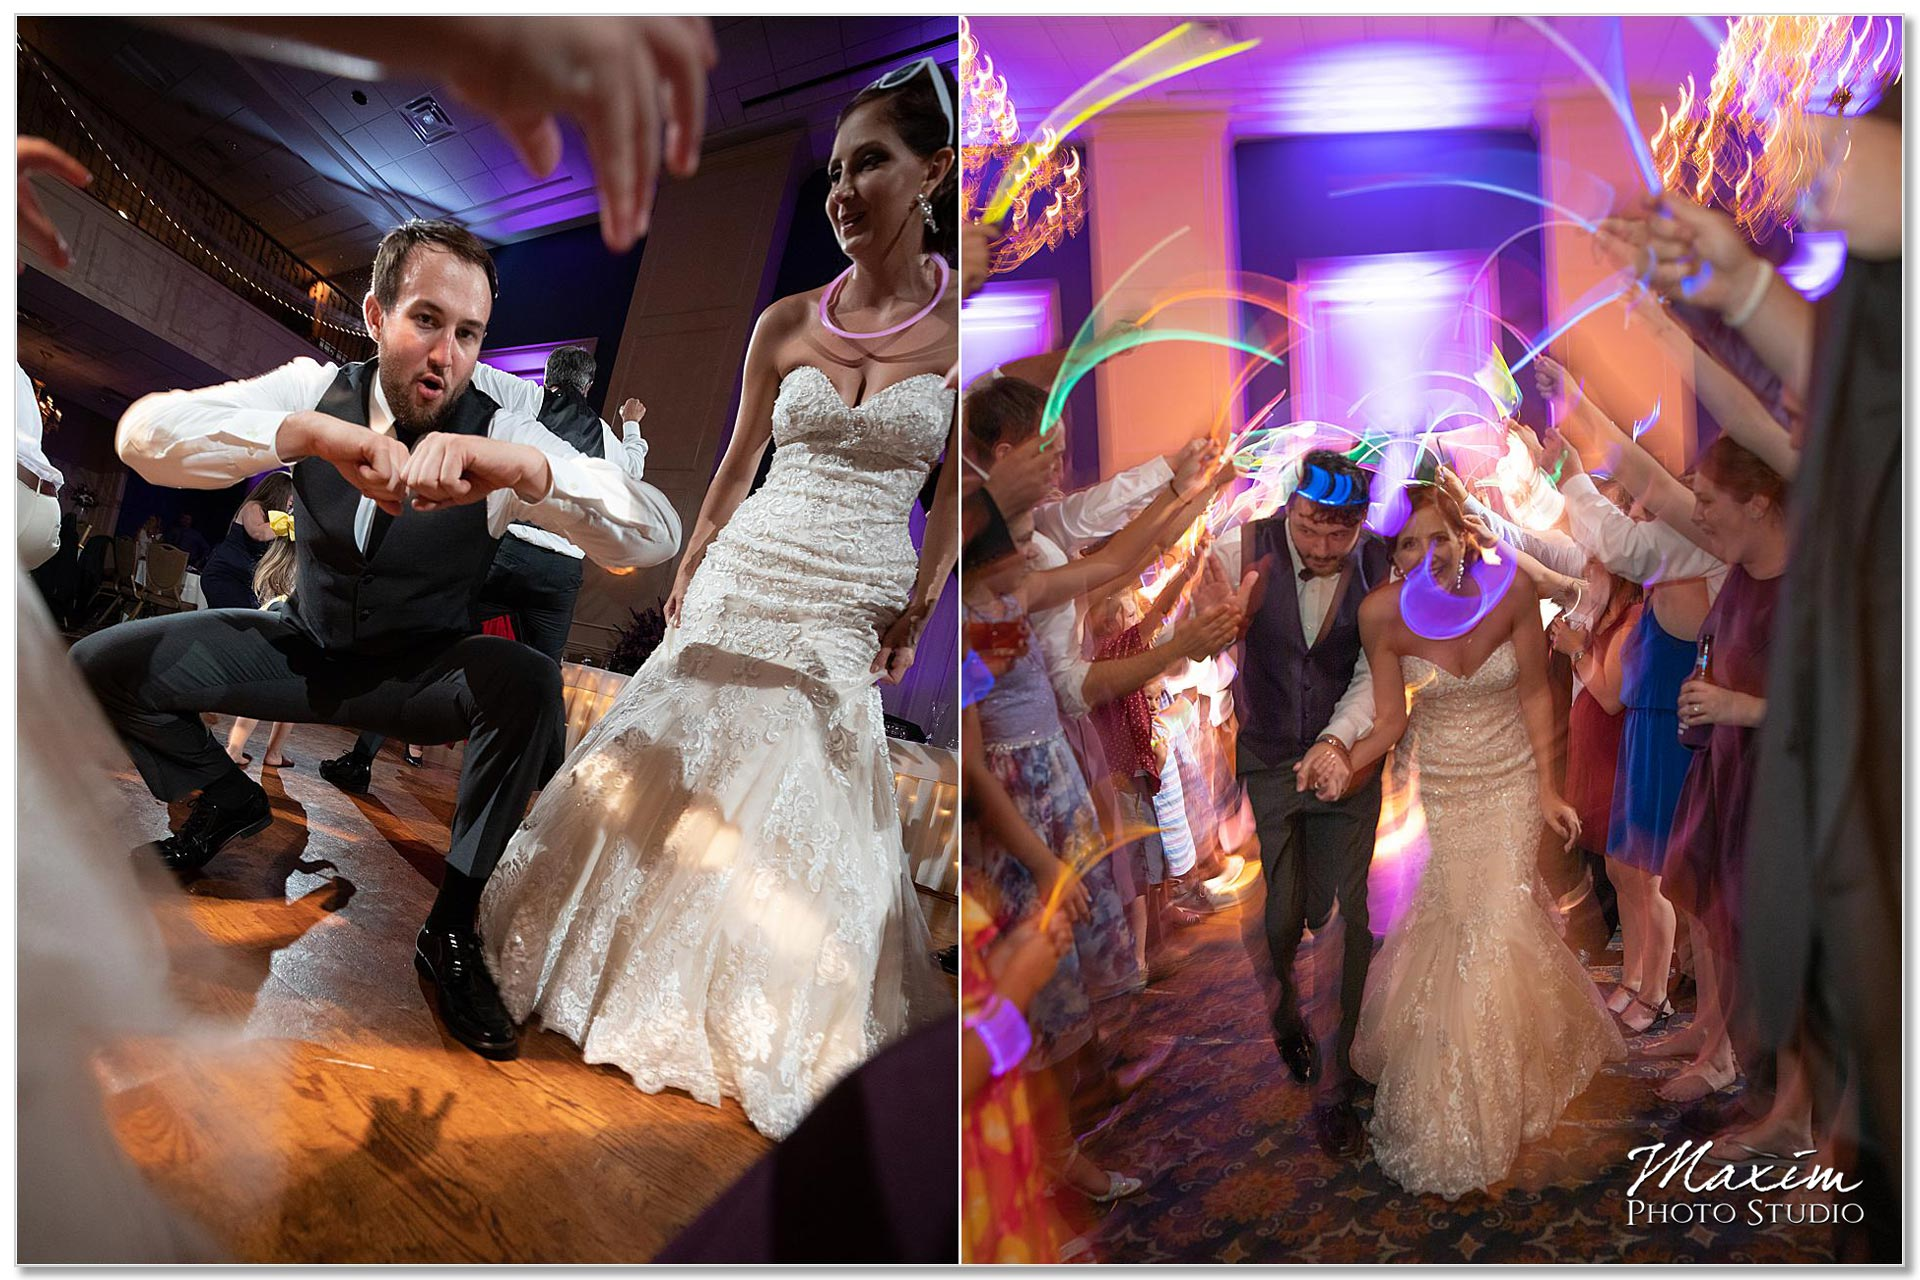 Glow sticks wedding reception exit